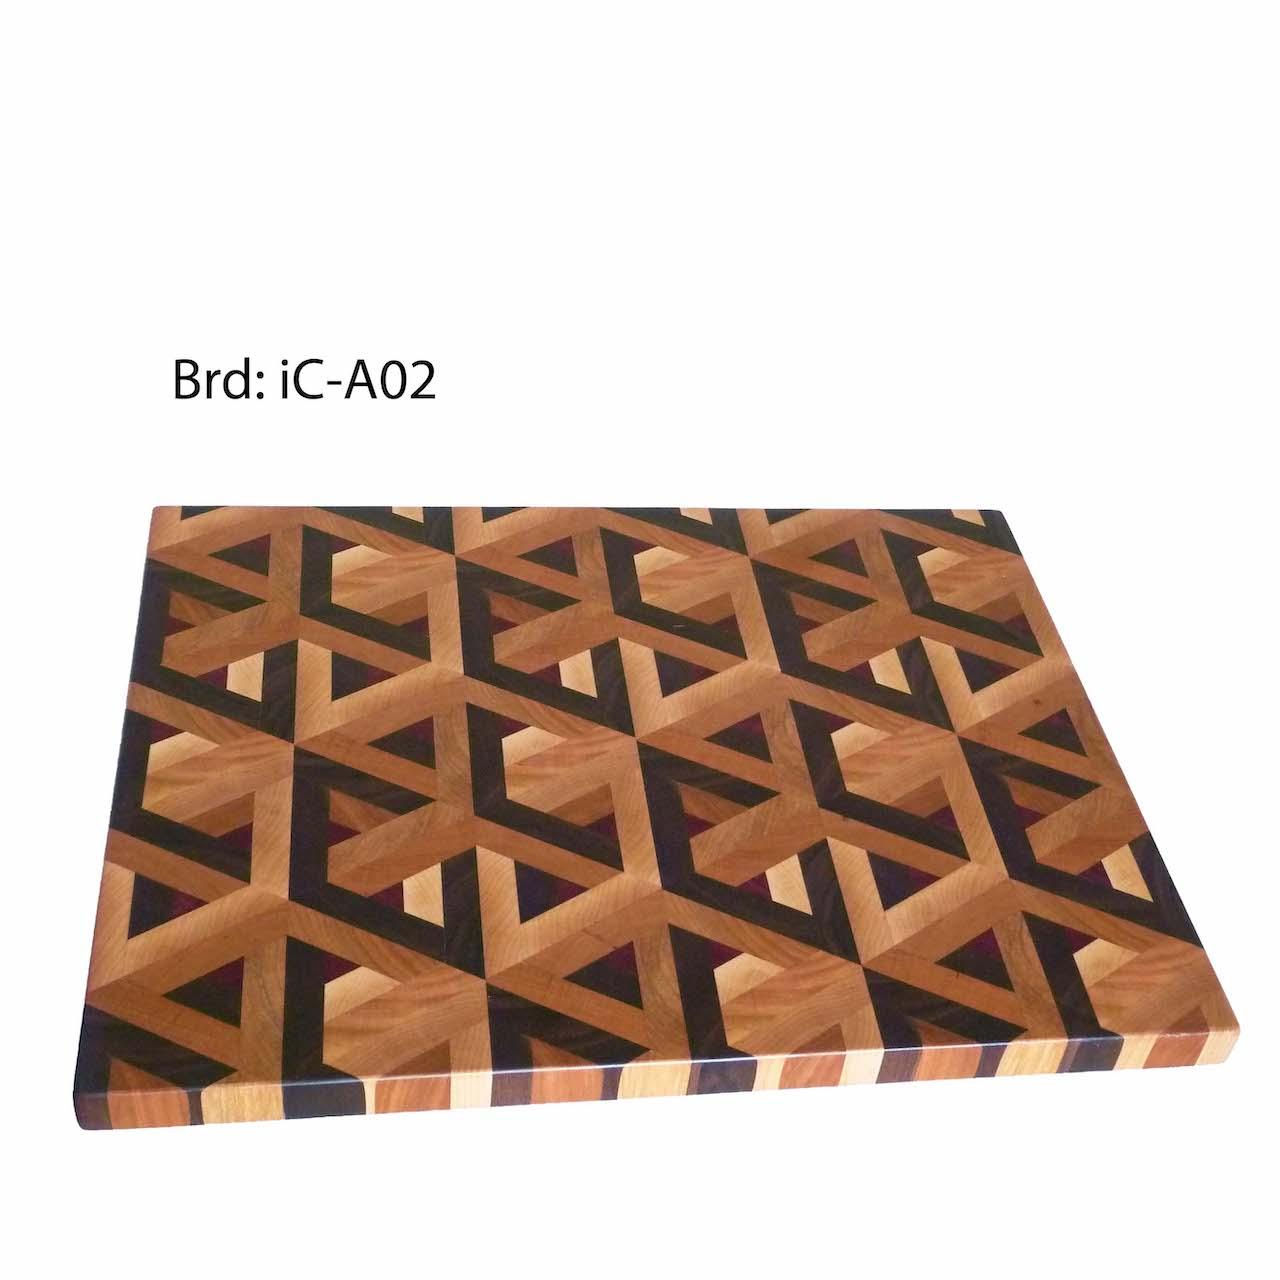 iC-A02